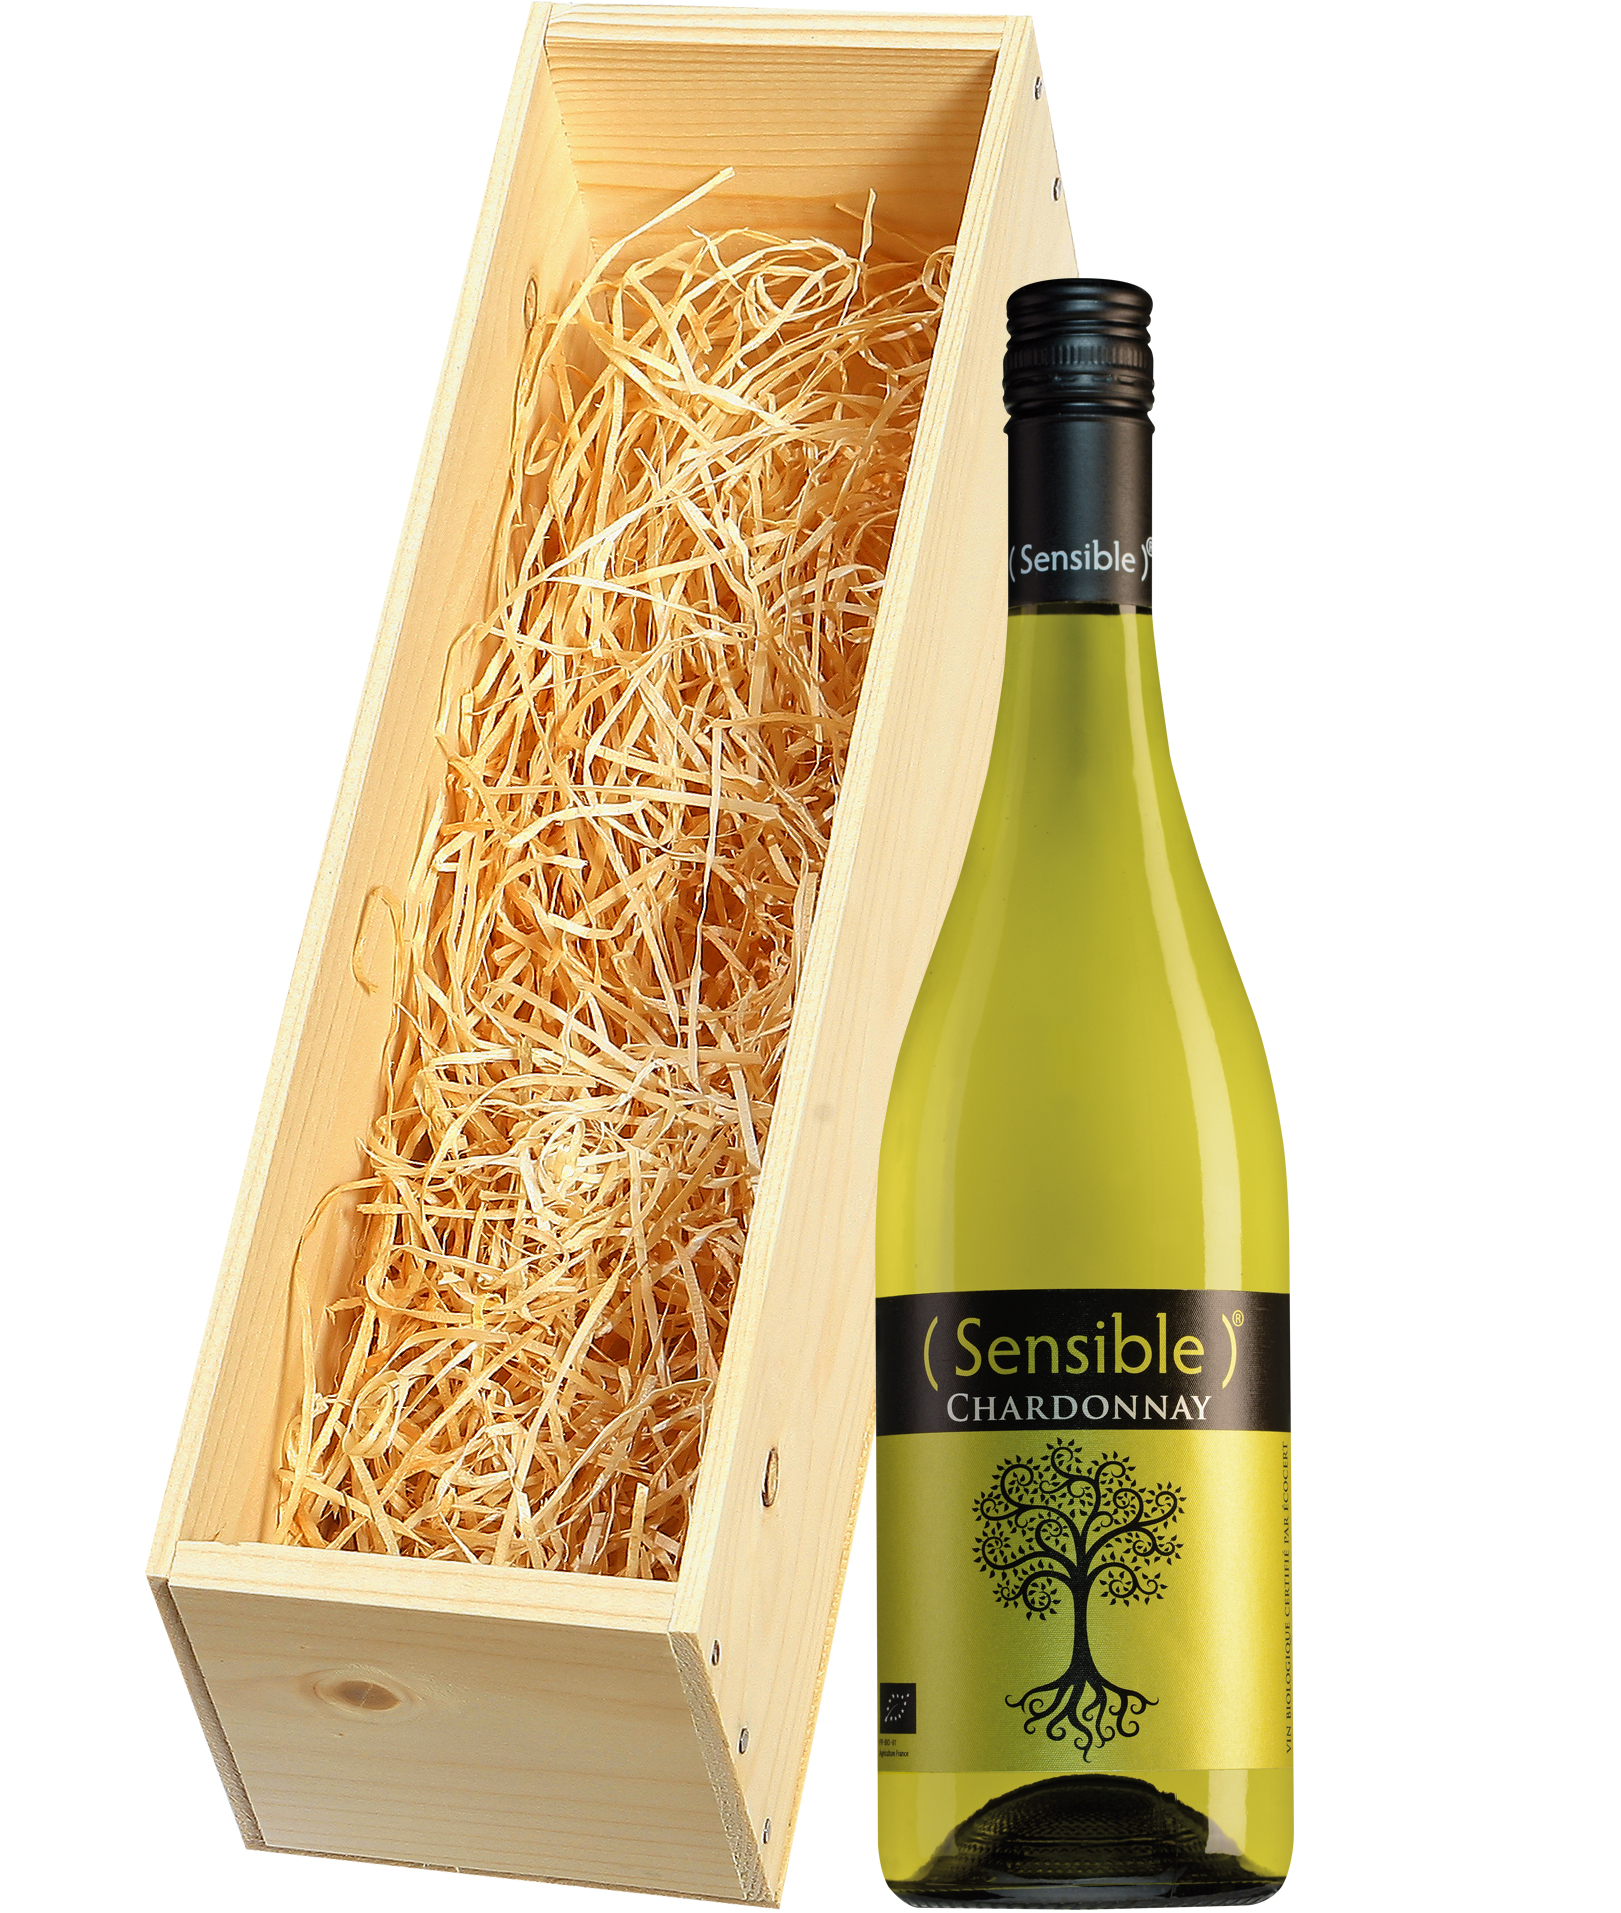 Wijnkist met Sensible Pays d'Oc Chardonnay